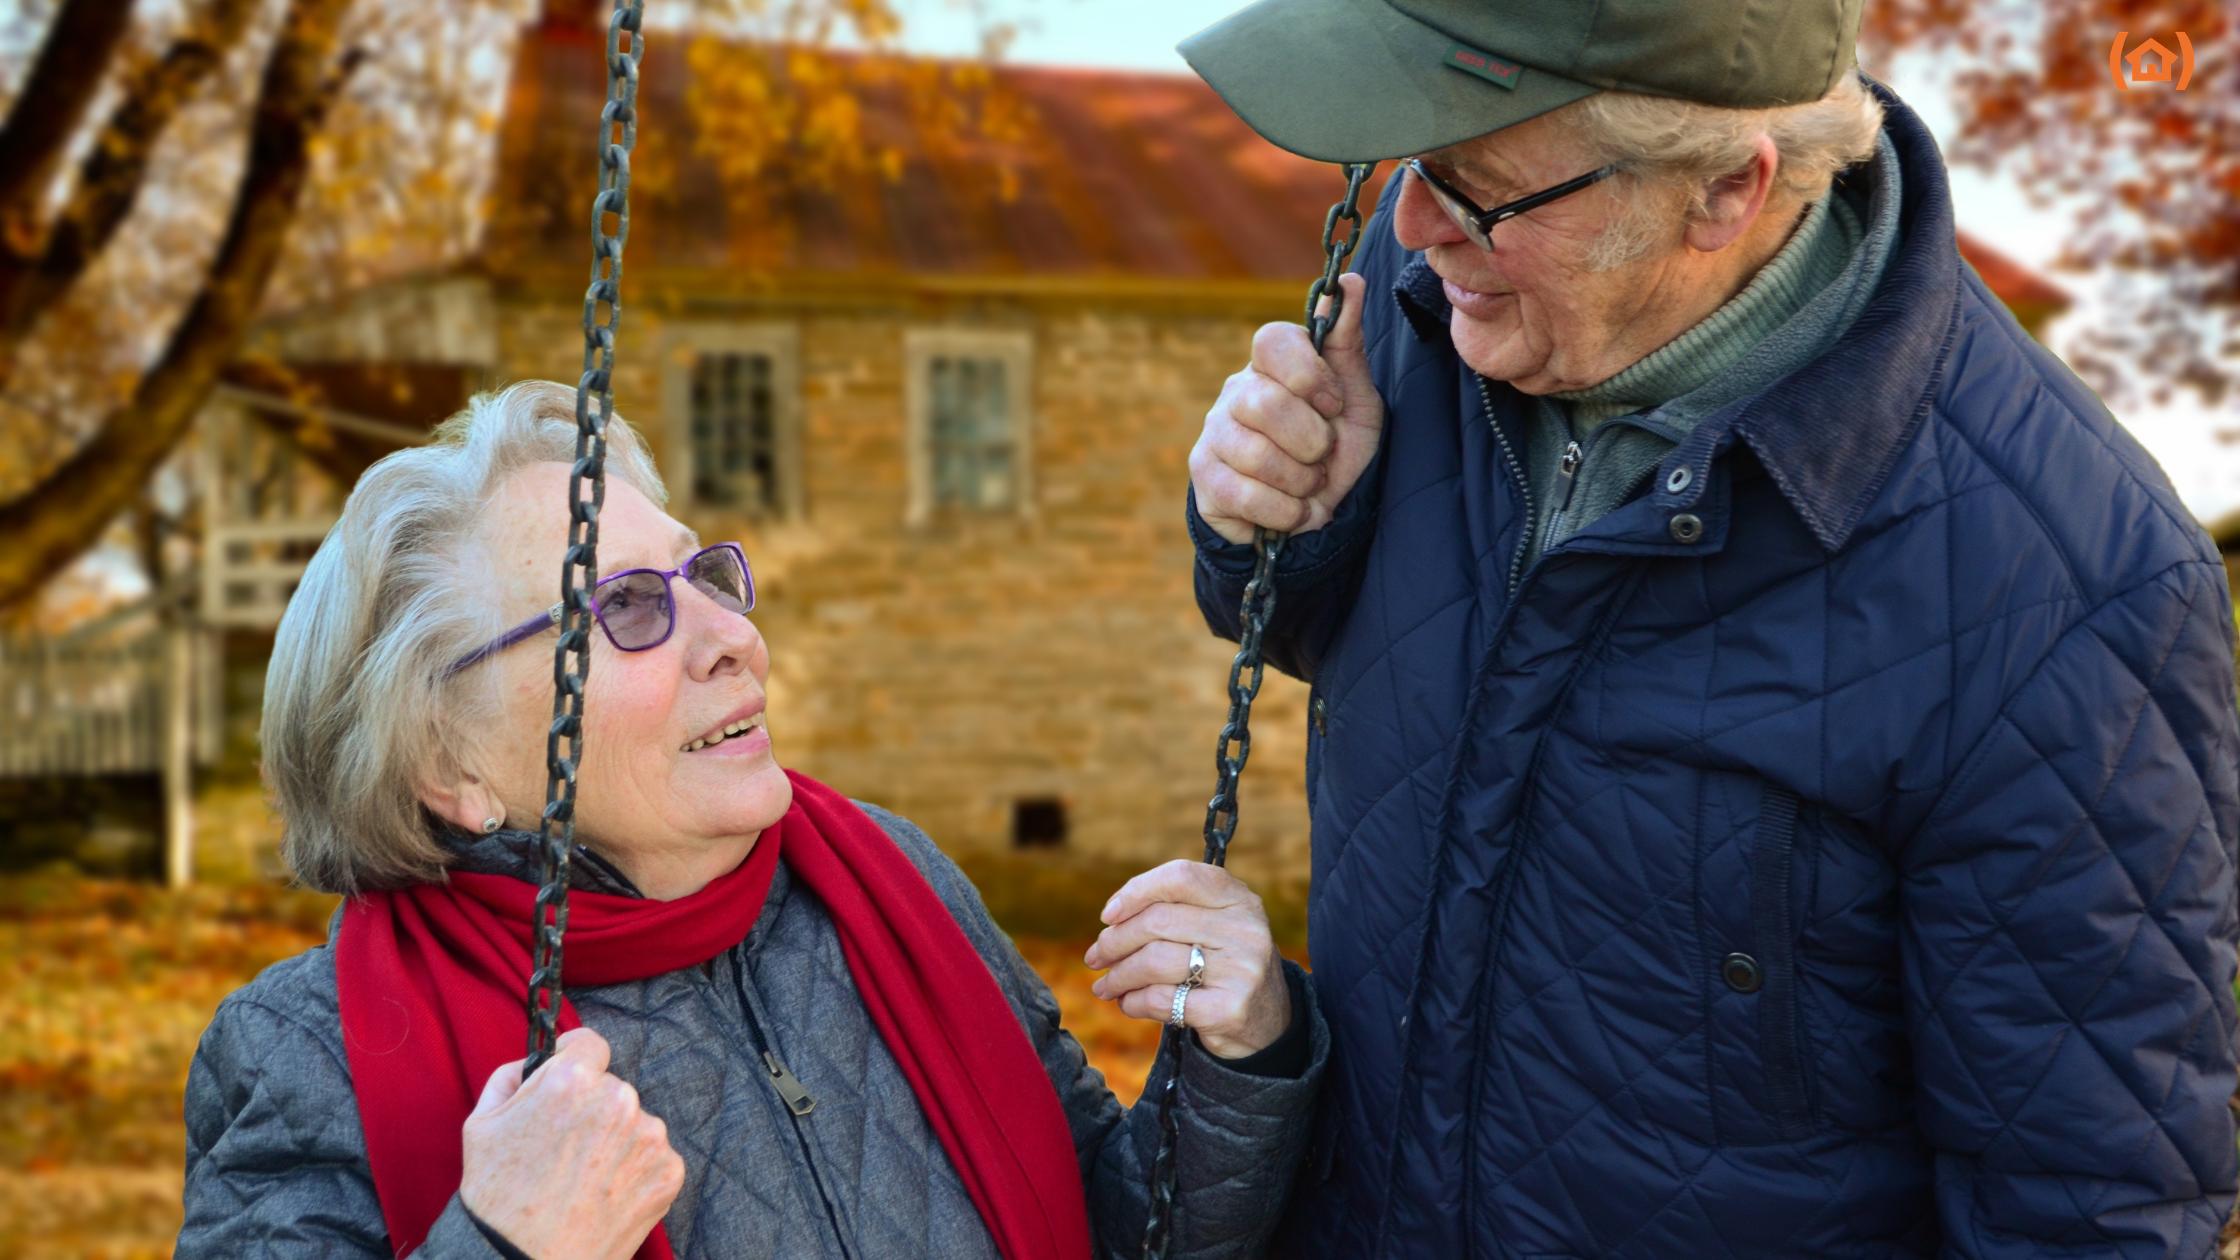 La demencia senil se caracteriza por la pérdida de las capacidades cognitivas. Descubre 6 consejos para el cuidado de personas con esta patología.